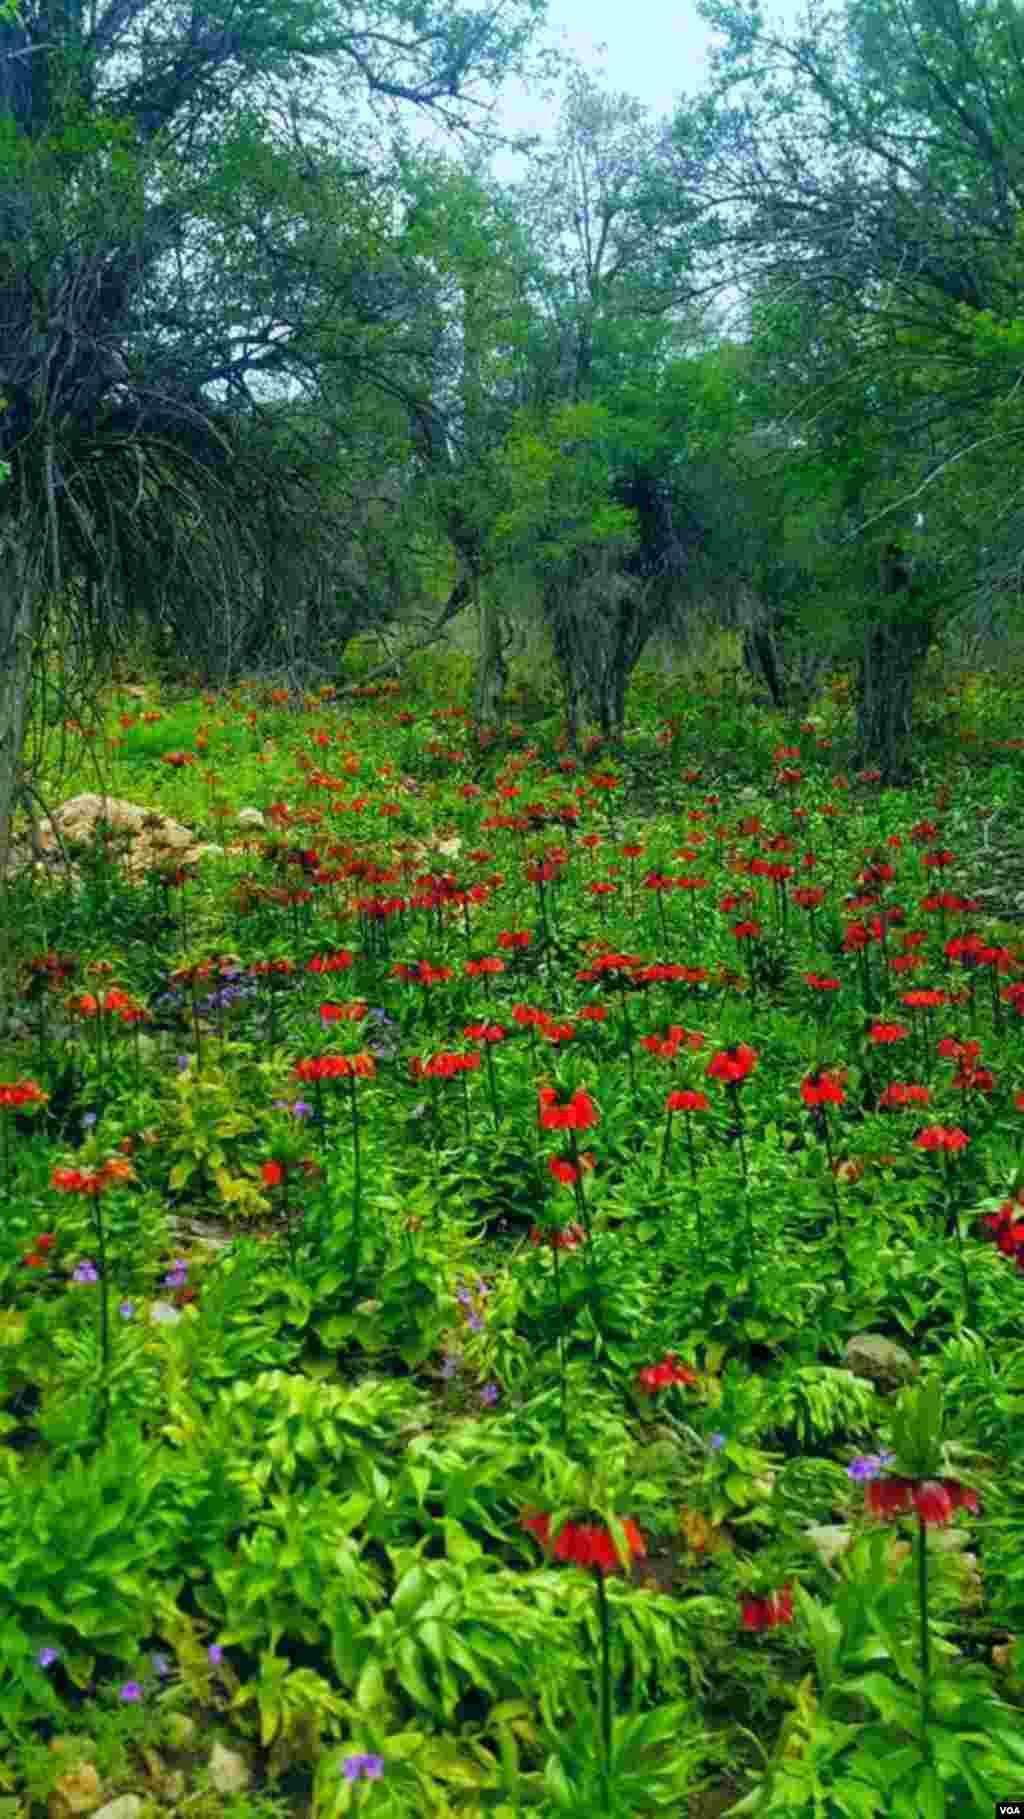 طبیعت بهاری شهرستان چرام منطقه طسوج- کهگیلویه و بویراحمد عکس: مهدی (ارسالی شما)